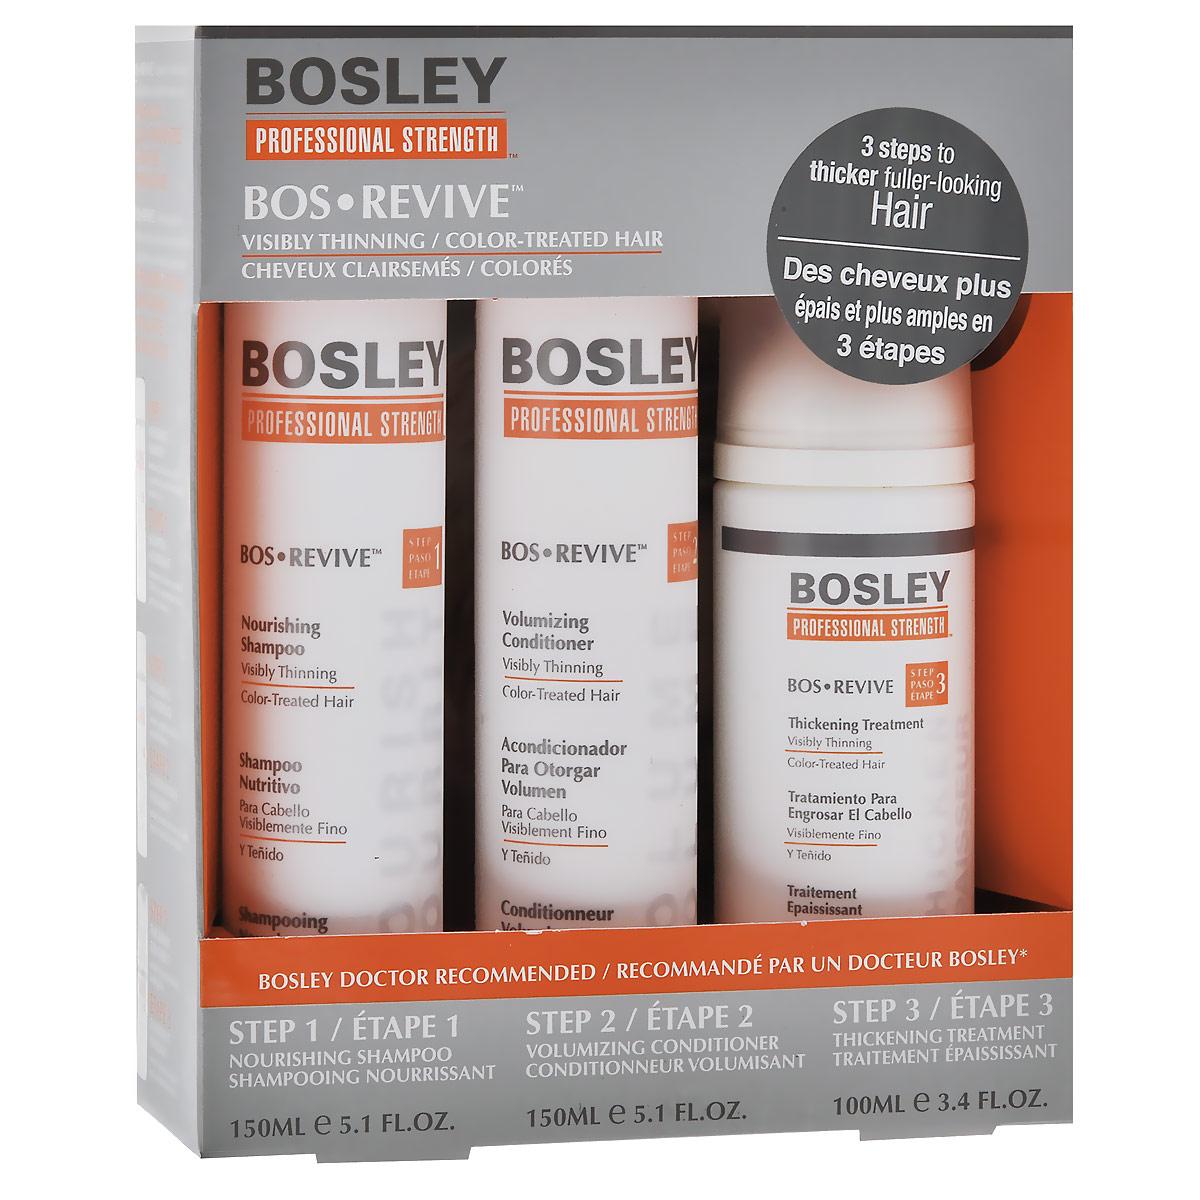 Bosley Набор для истонченных и окрашенных волос: шампунь, кондиционер, несмываемый уход bosley bosley уход увеличивающий густоту истонченных окрашенных волос 200 мл